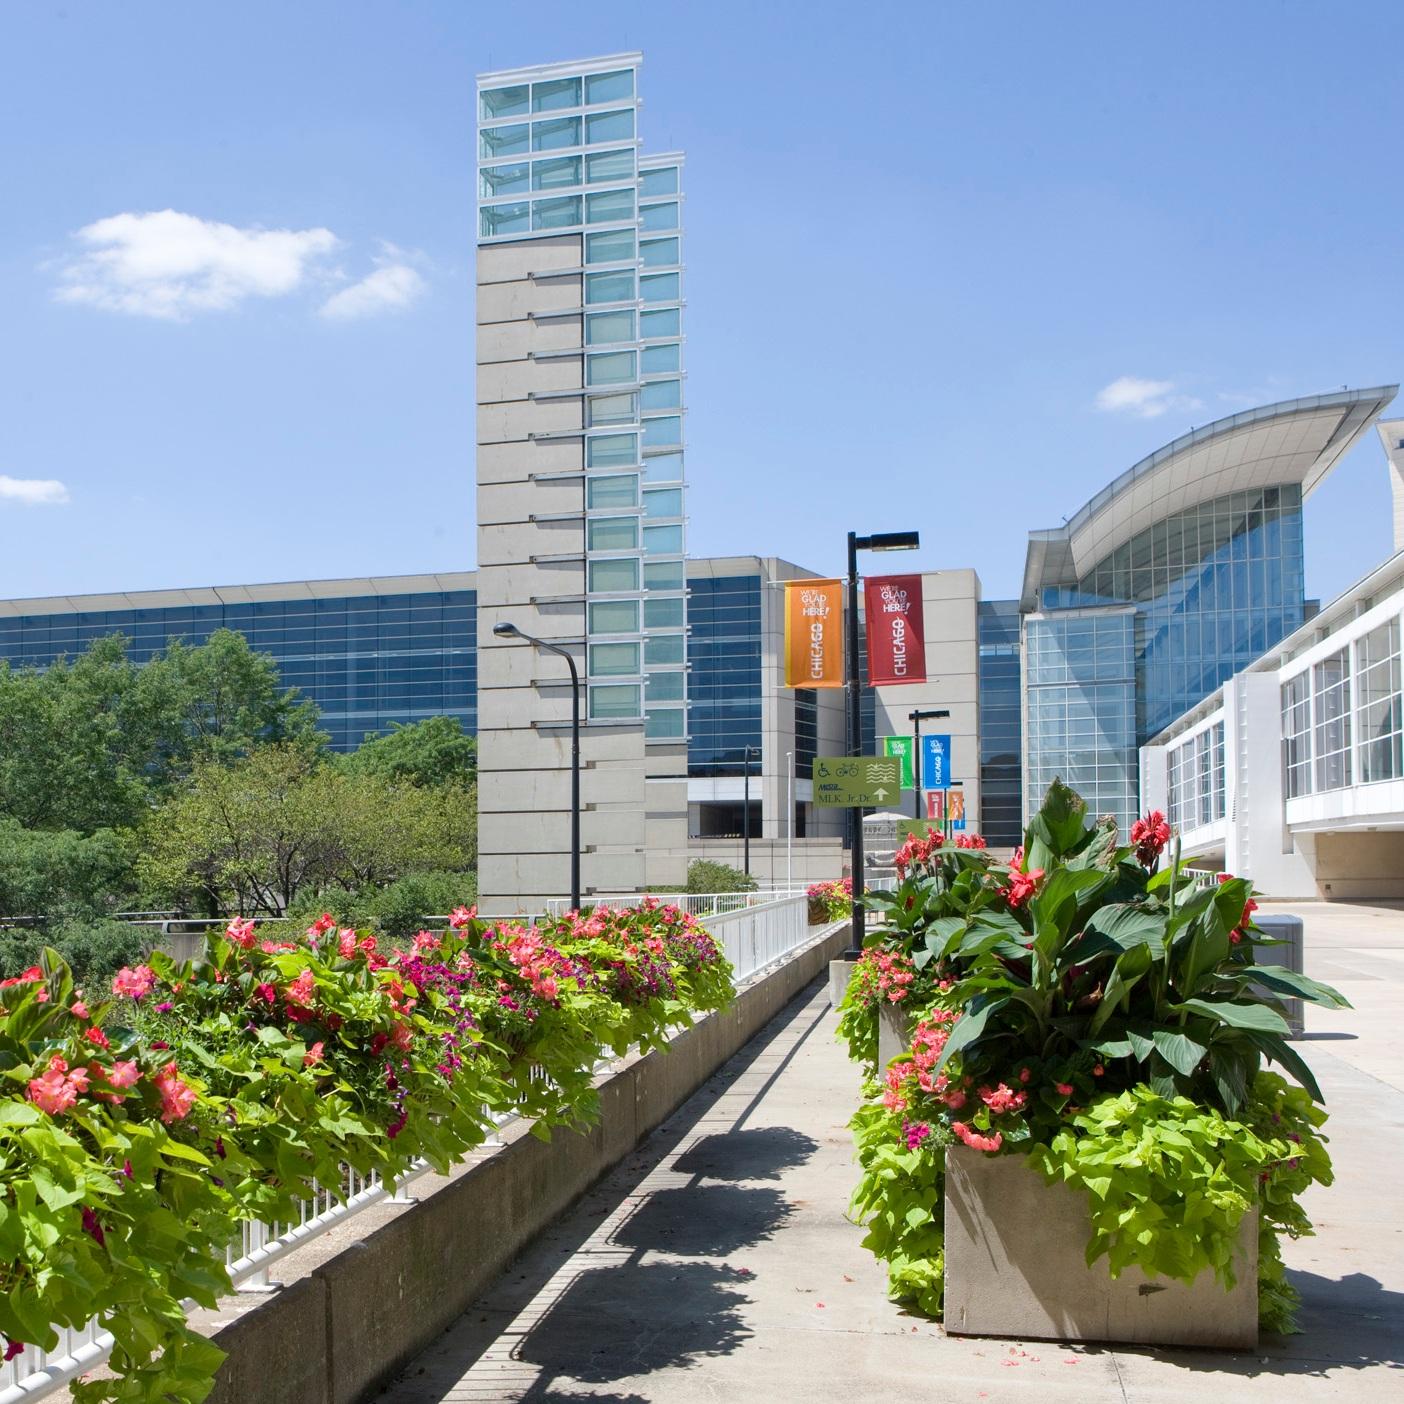 McCormick PLACE  Landscape Enhancements + Maintenance  Chicago, Illinois